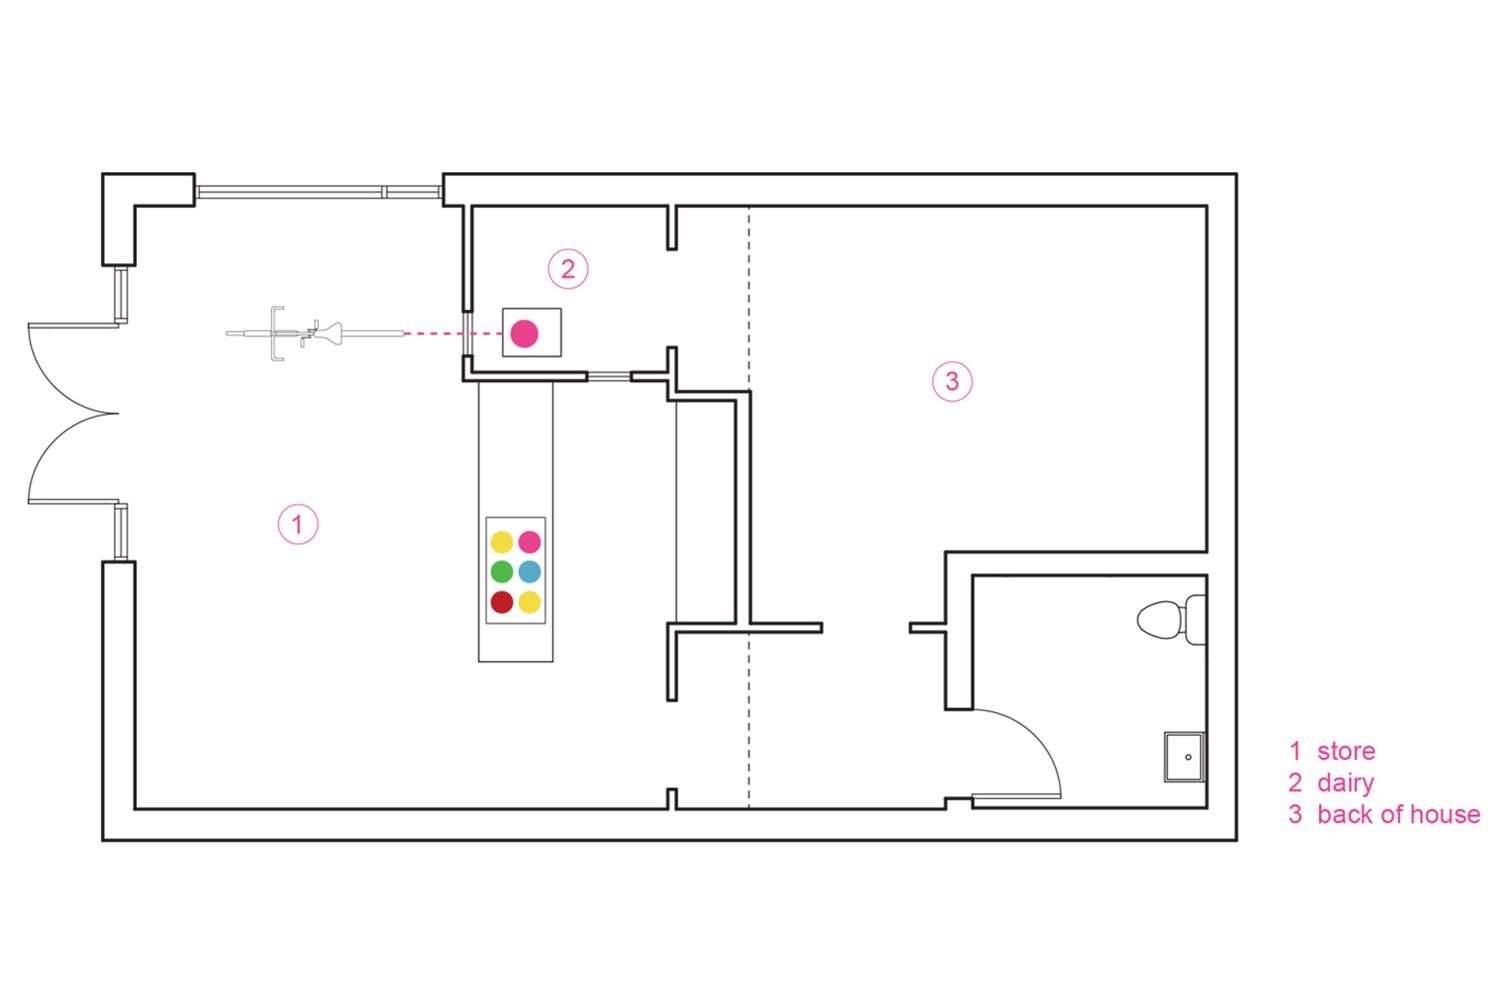 Peddlers Creamery Floorplan.jpg